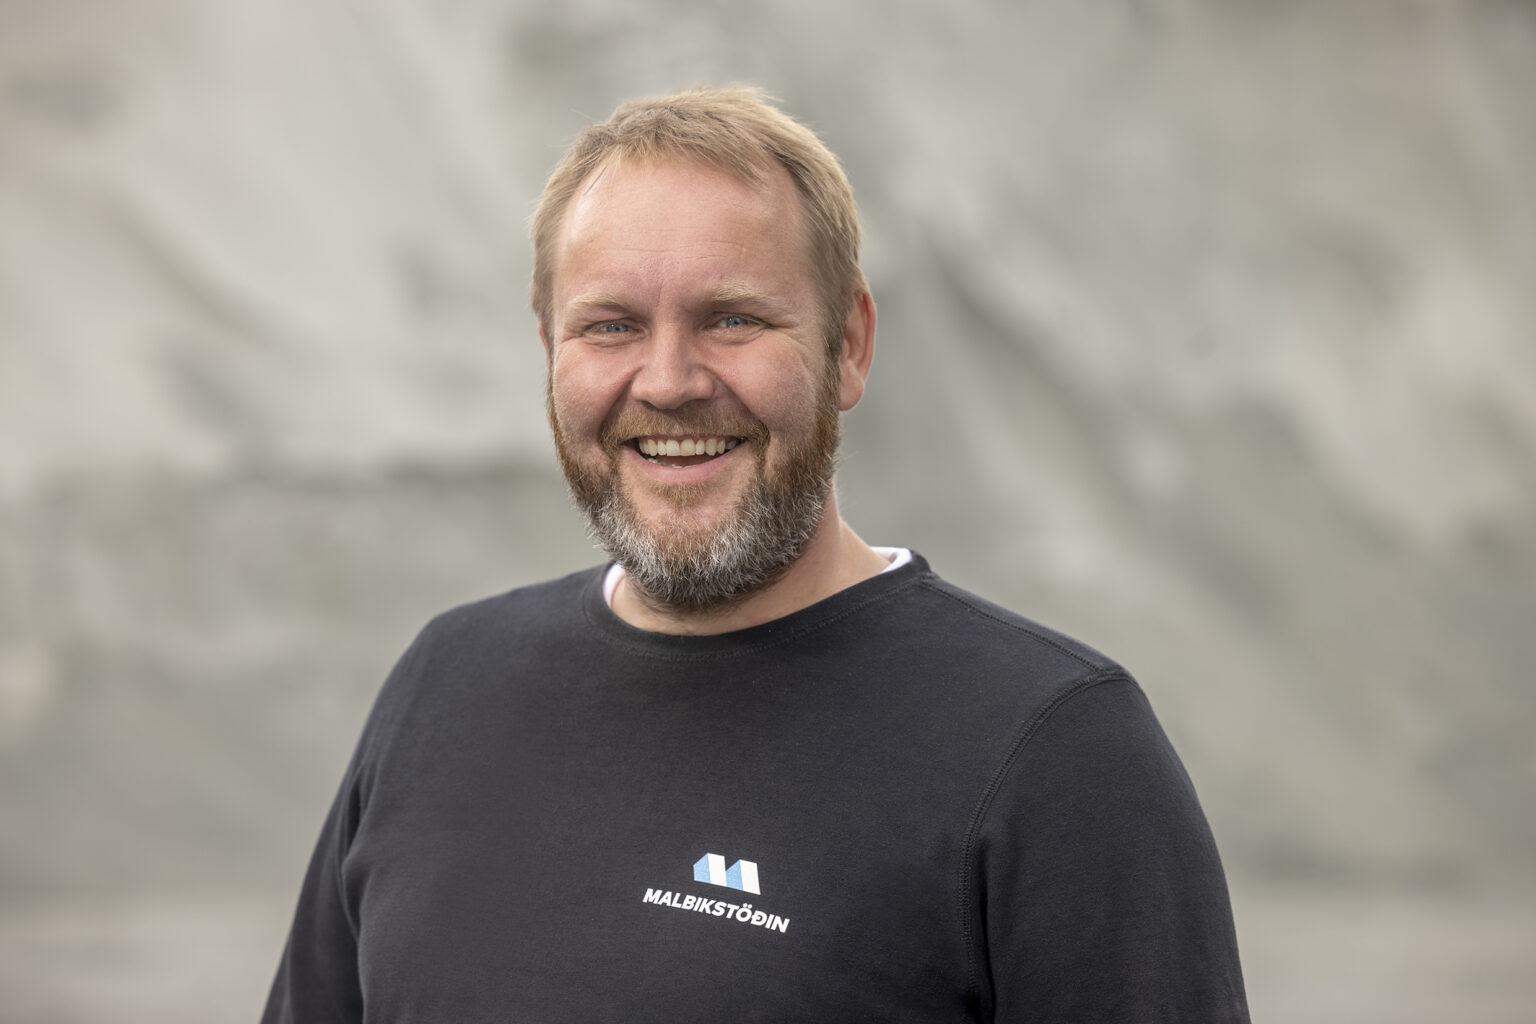 Ægir Sævarsson